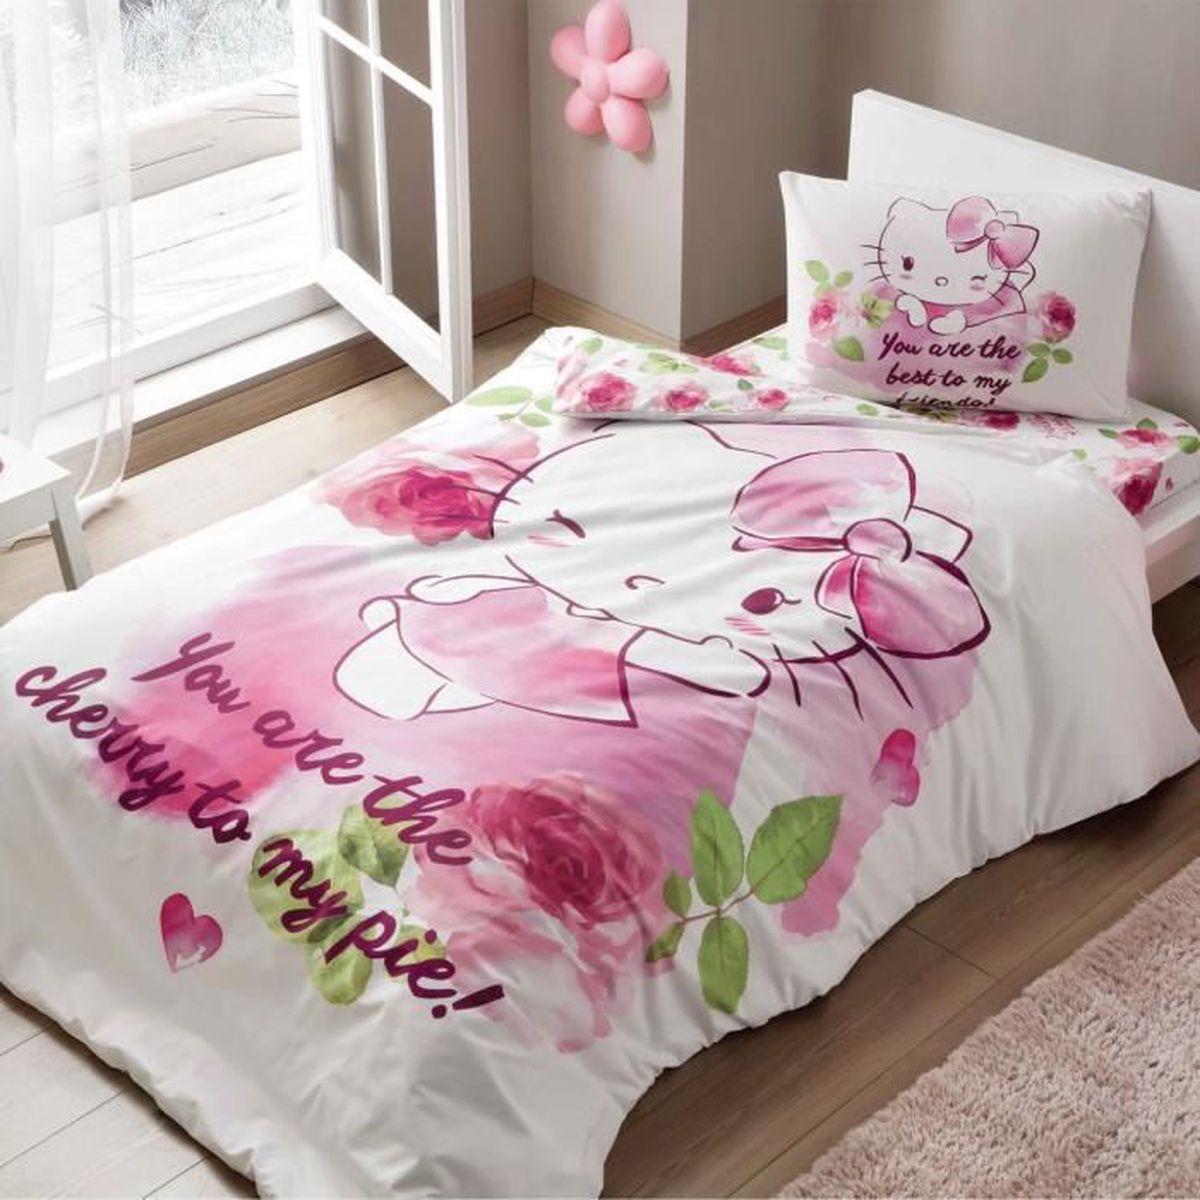 Tac Parure De Lit Hello Kitty Cherry 1 Personne 100 Coton 3 Pcs